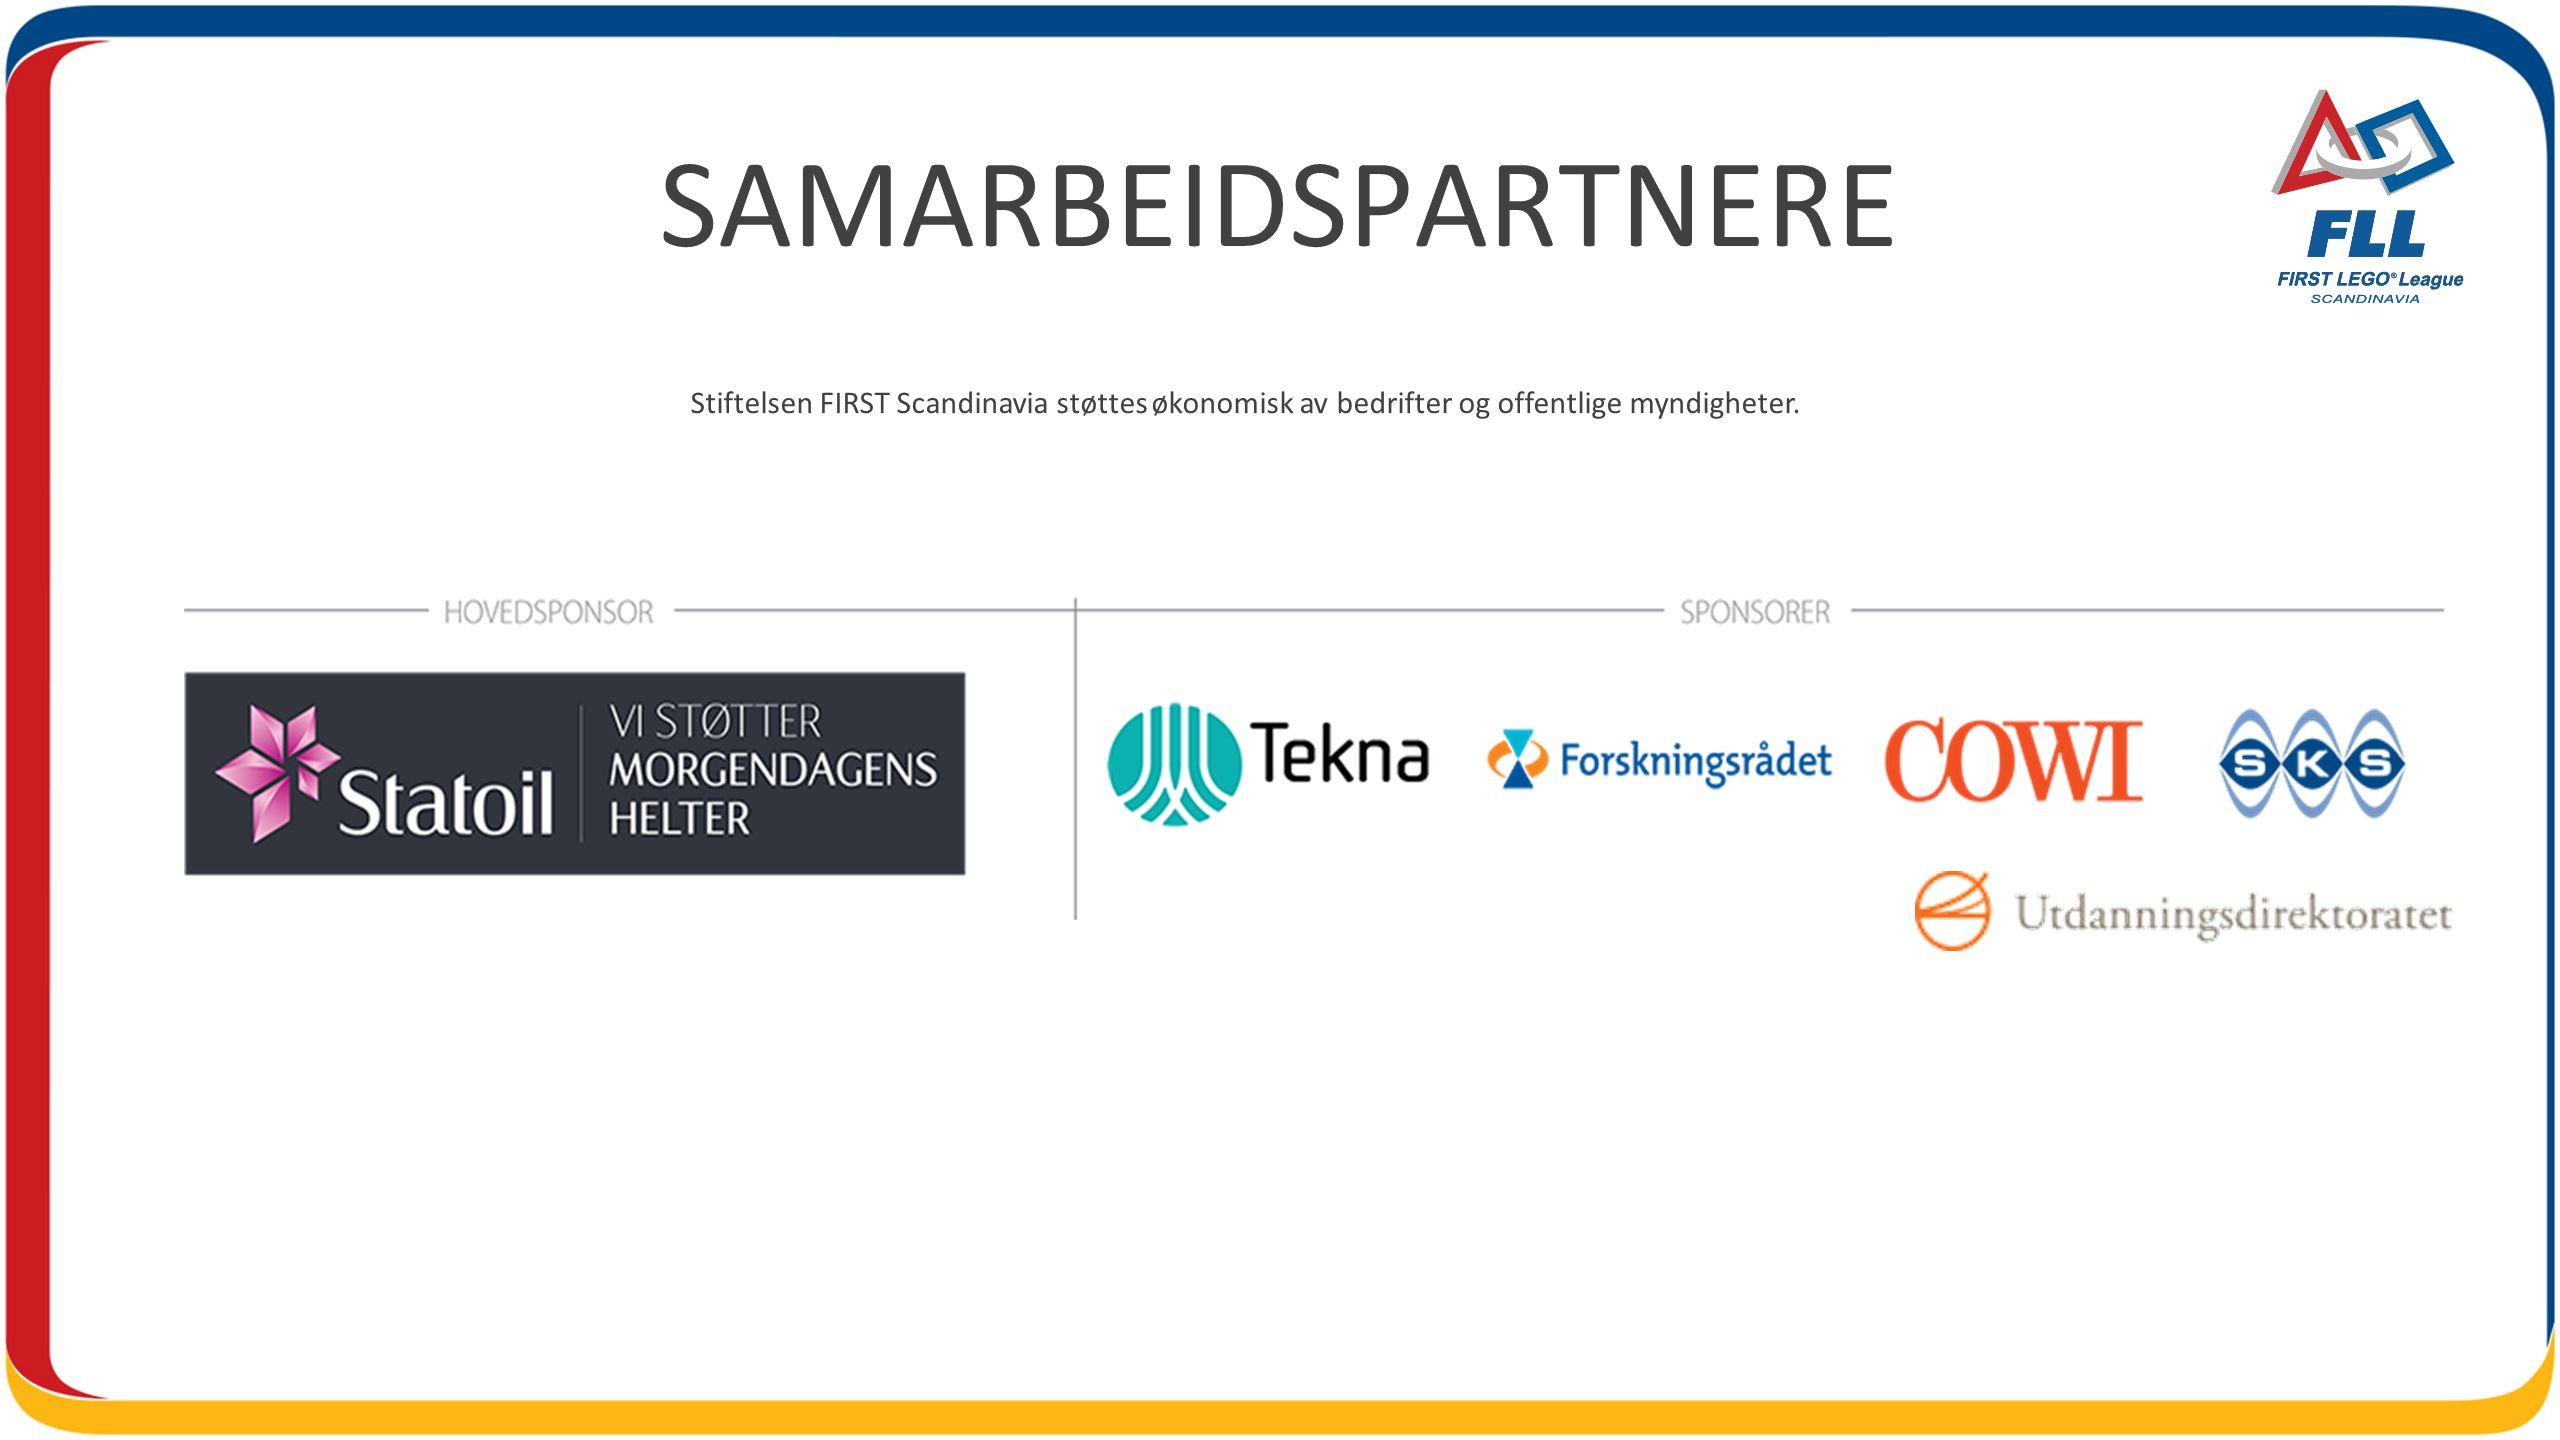 SAMARBEIDSPARTNERE Stiftelsen FIRST Scandinavia støttes økonomisk av bedrifter og offentlige myndigheter.